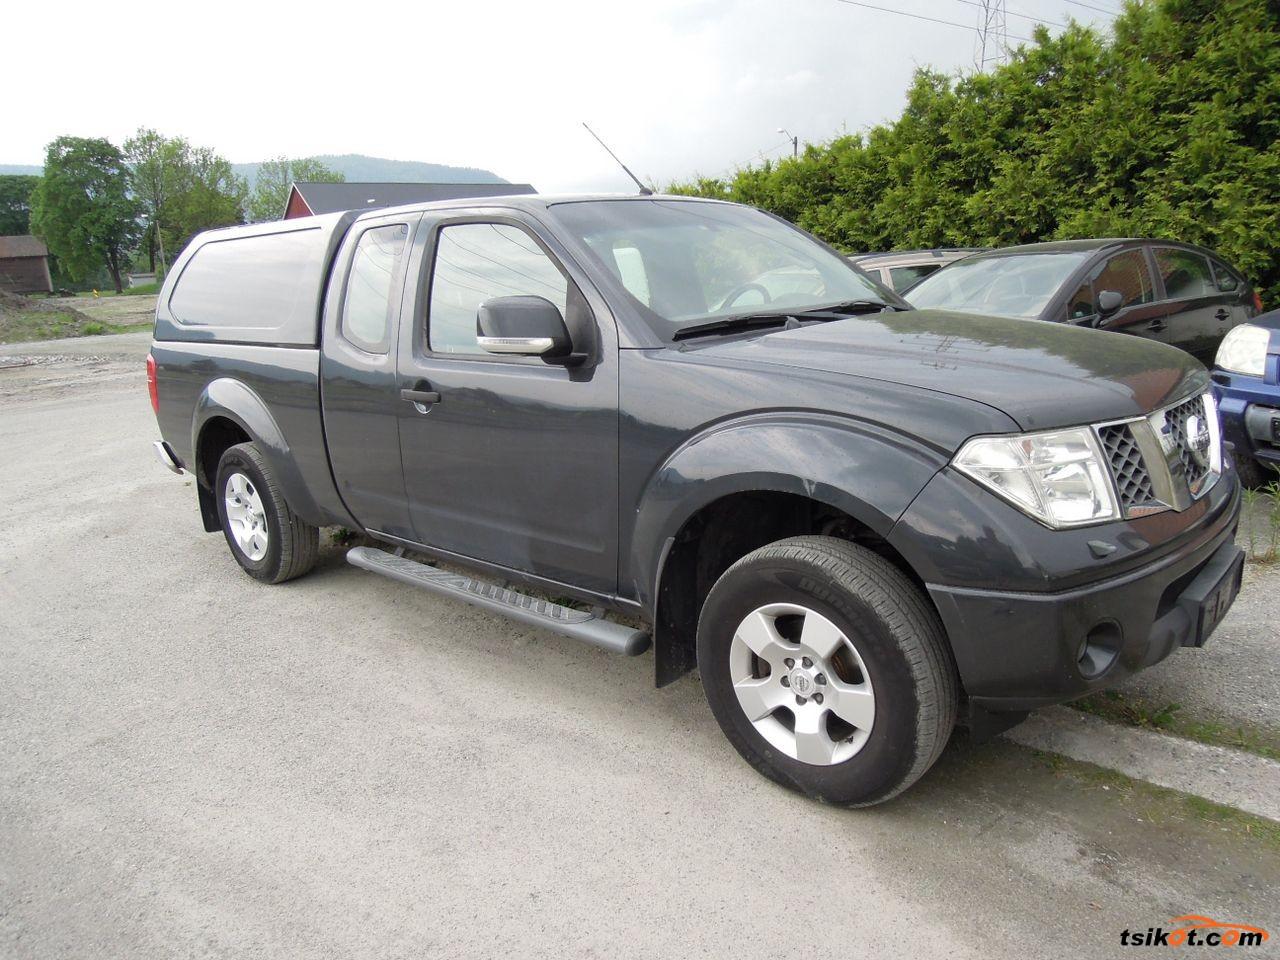 Nissan Navara 2007 - 1